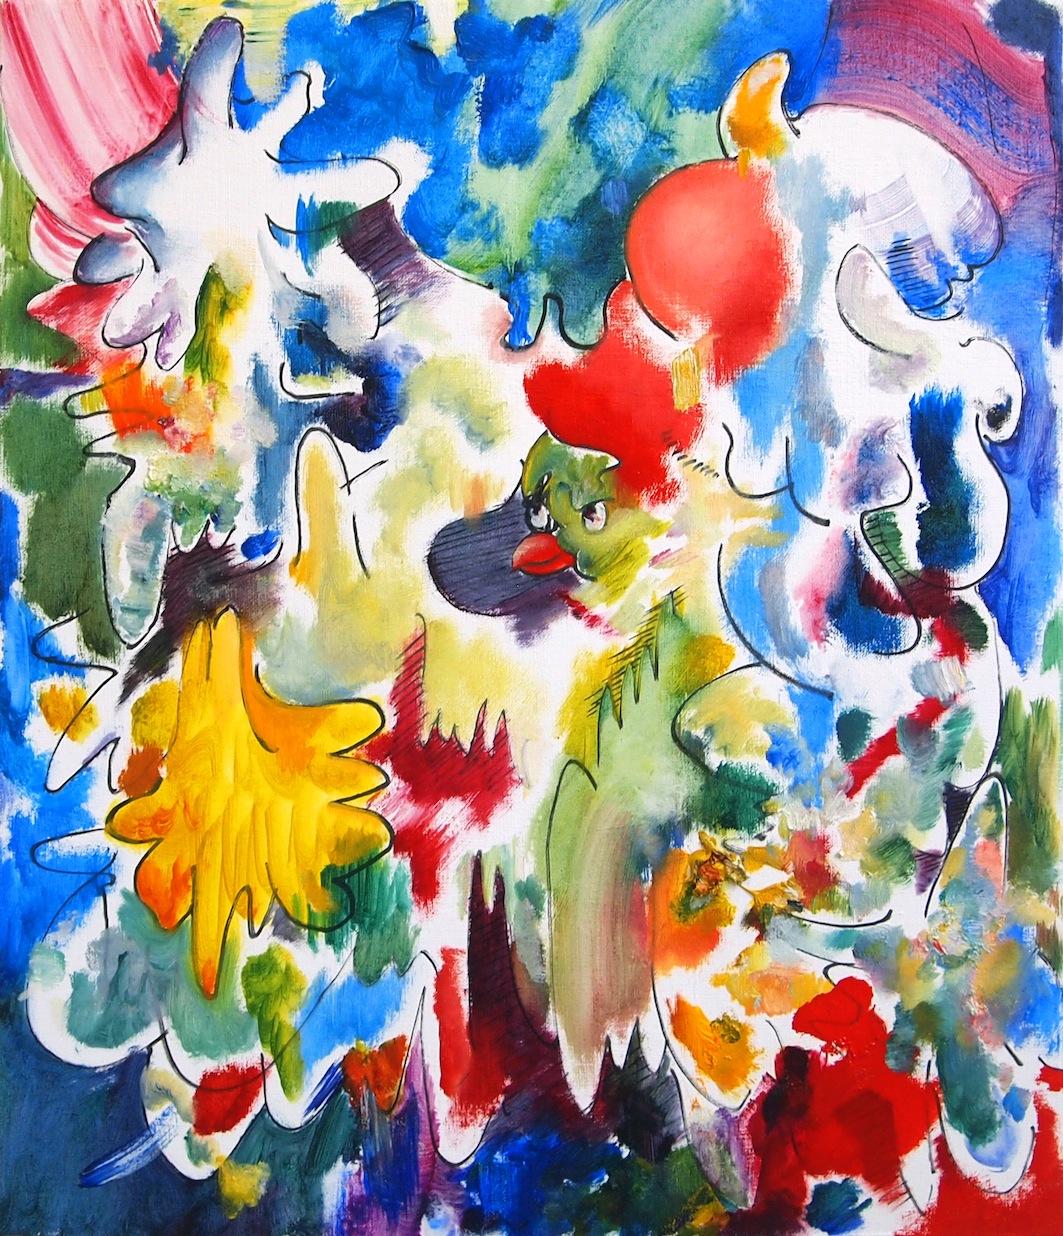 樽井英樹 個展『Flapping Colors』